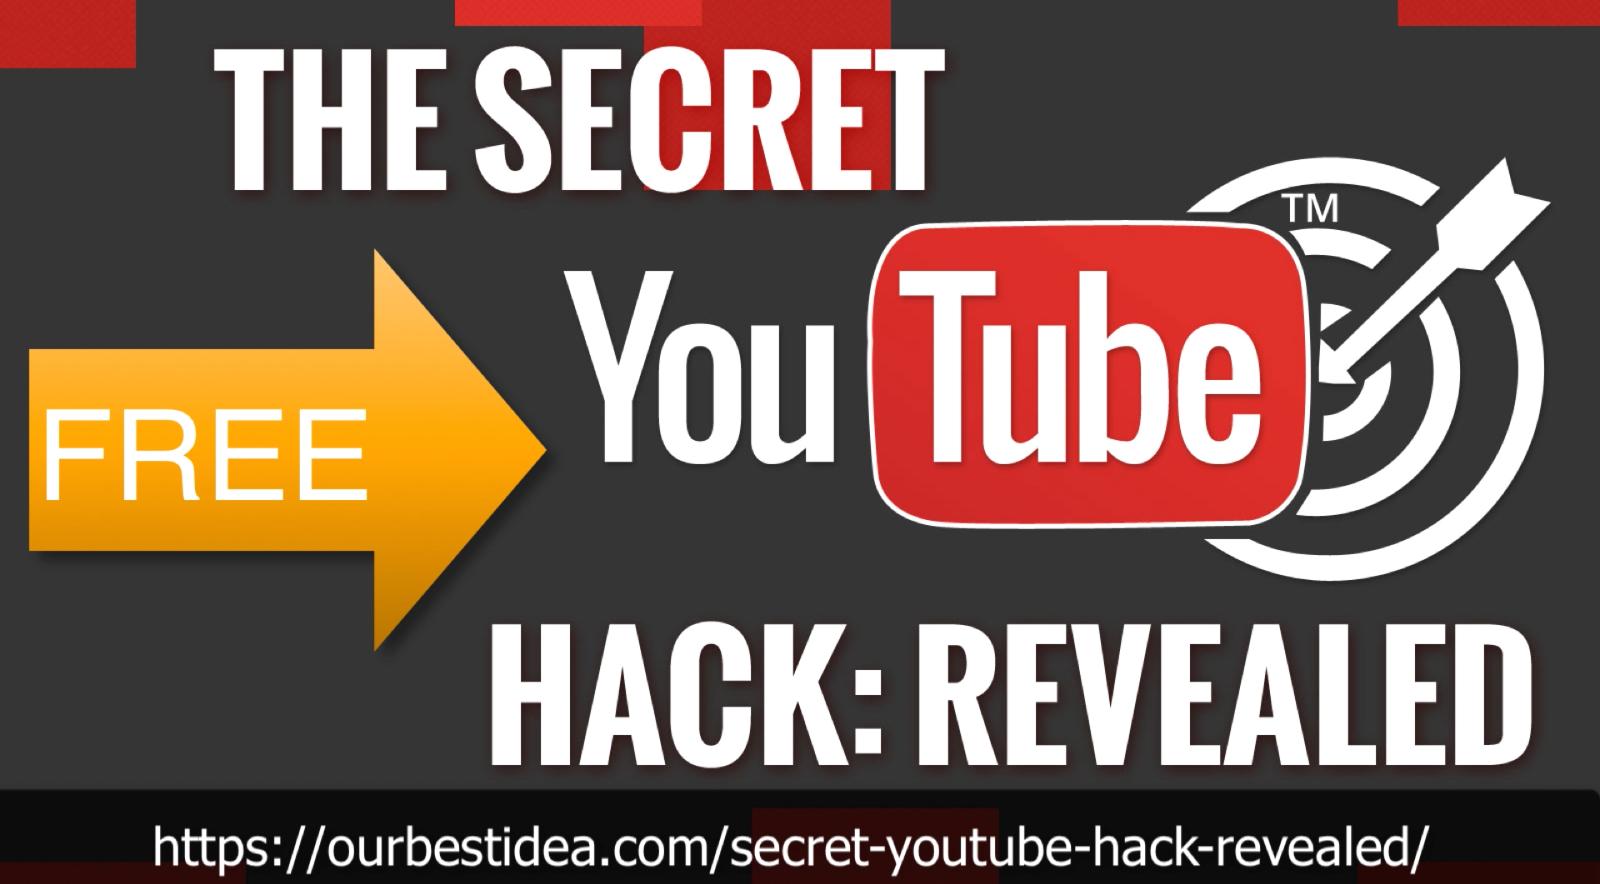 Secret Youtube Hack REVEALED